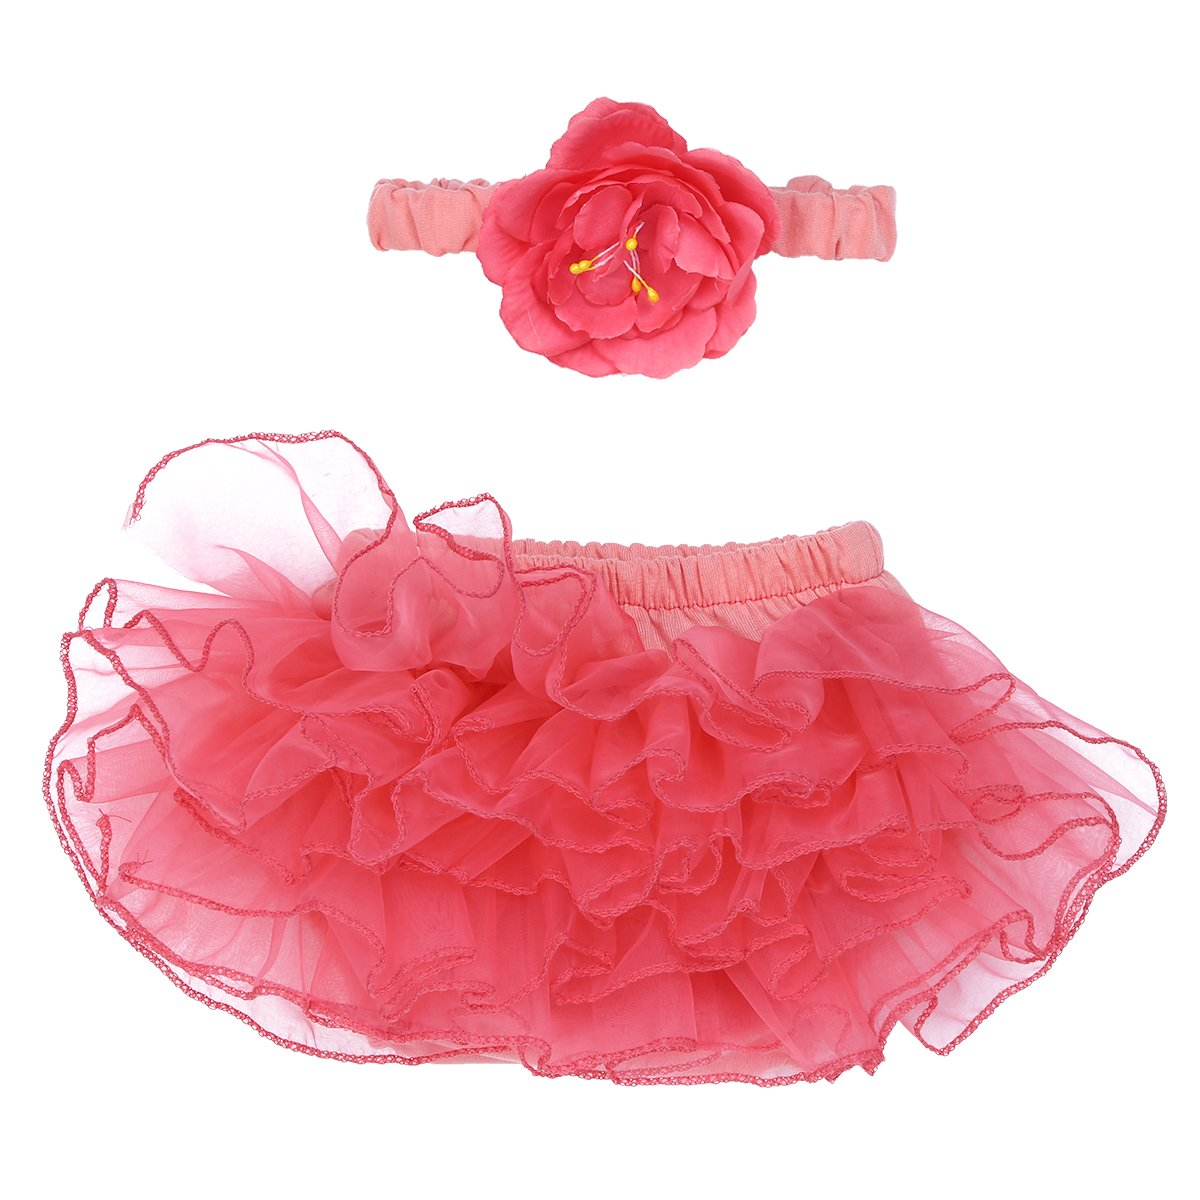 【国際ブランド】 iiniim赤ちゃんの女の子の写真プロップ服装diaper-shapedブリーフチュチュスカートwith Flowerヘアバンド B06Y11N3YX Flowerヘアバンド B06Y11N3YX, サイクルジャパン:da0f5fc8 --- quiltersinfo.yarnslave.com